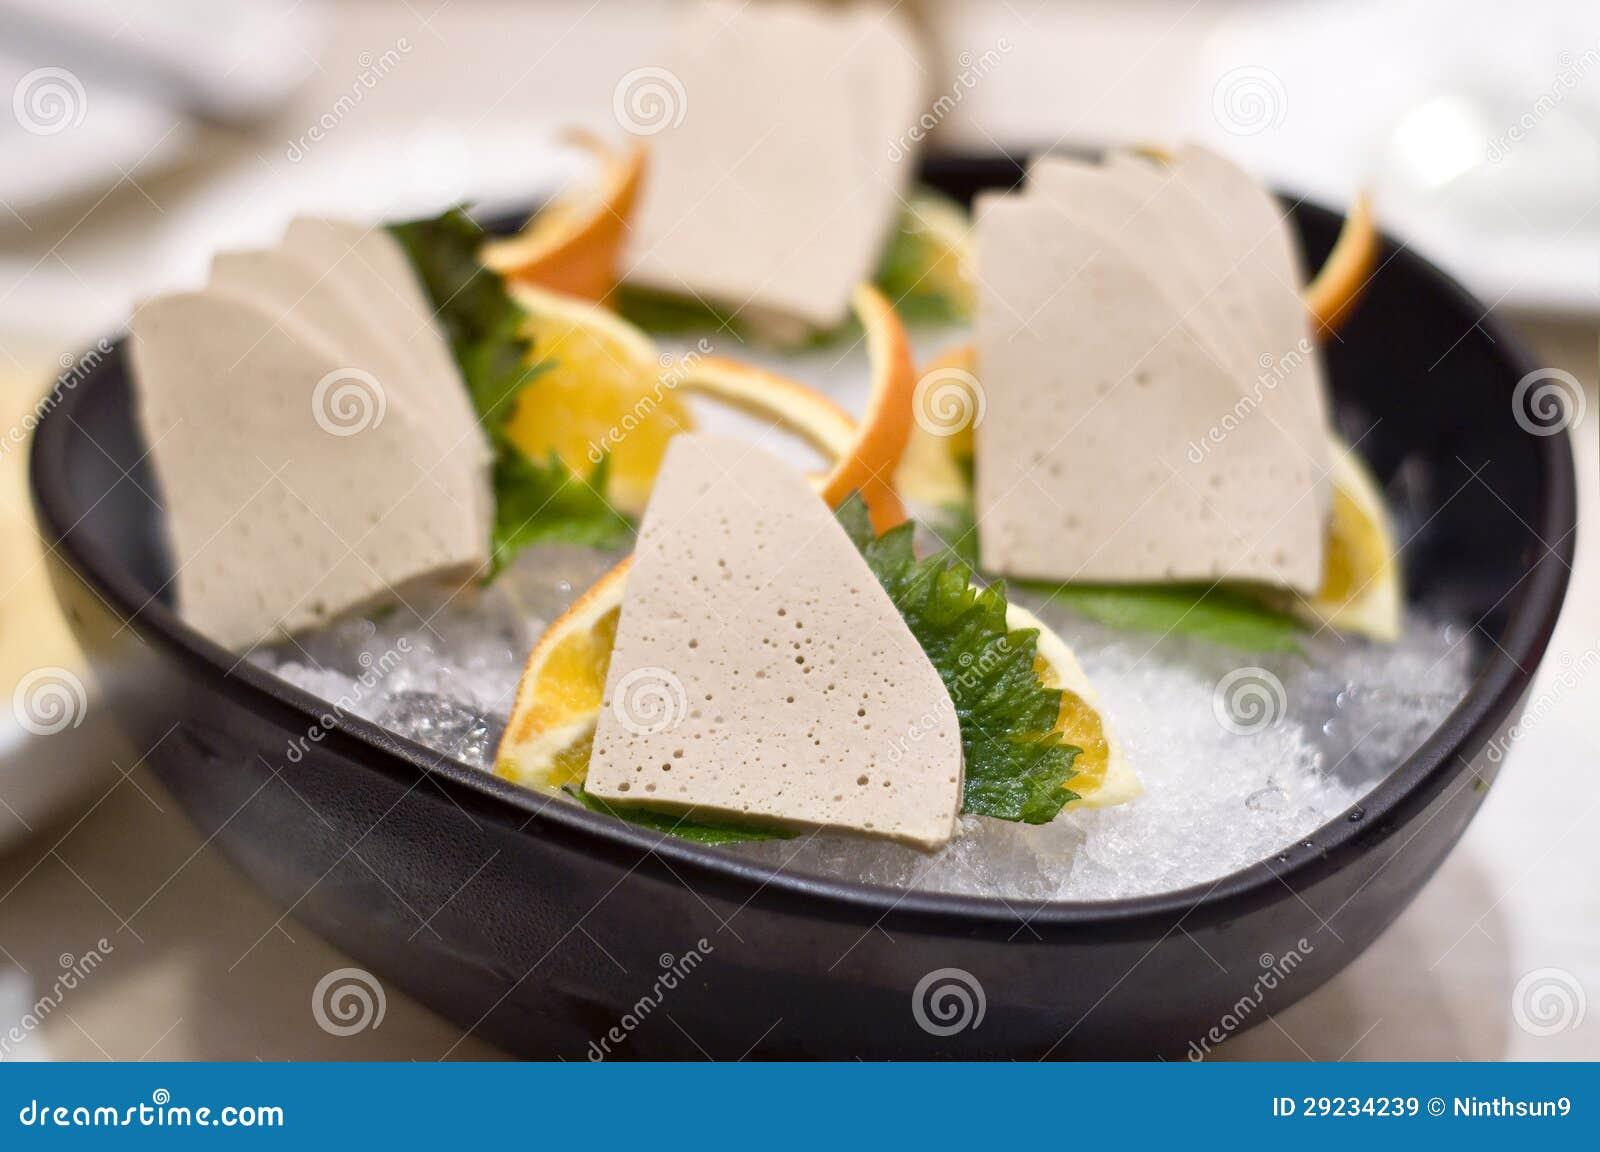 Download Alimentos frescos imagem de stock. Imagem de chinês, animal - 29234239